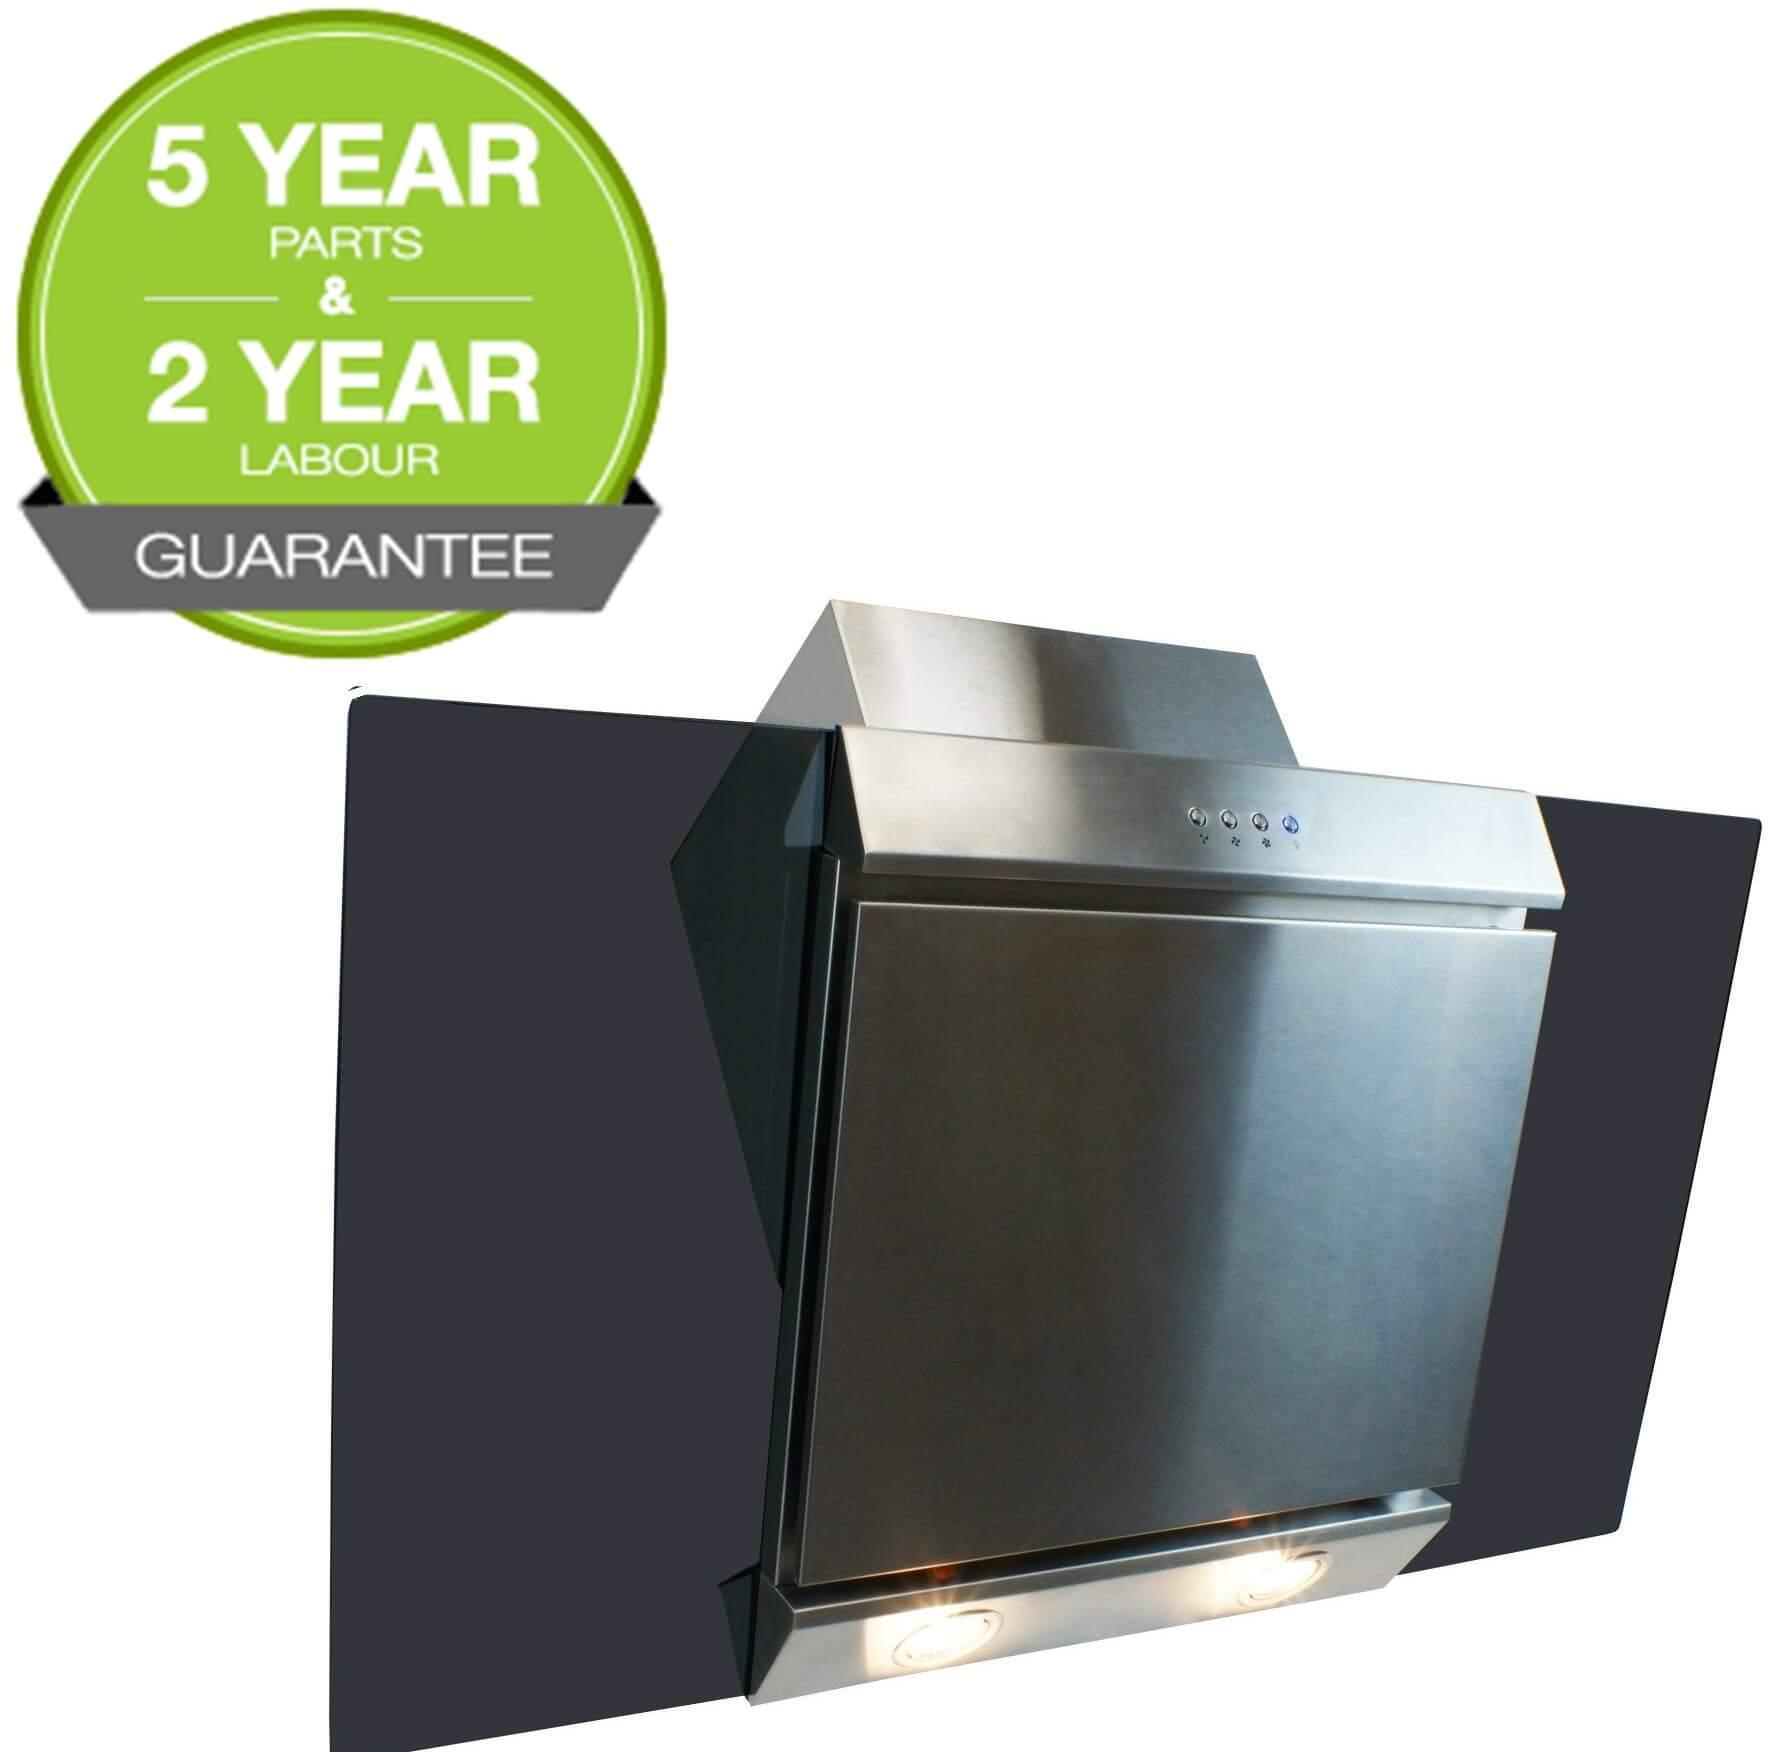 cooker hood 90cm angled extractor chimney hood glass. Black Bedroom Furniture Sets. Home Design Ideas